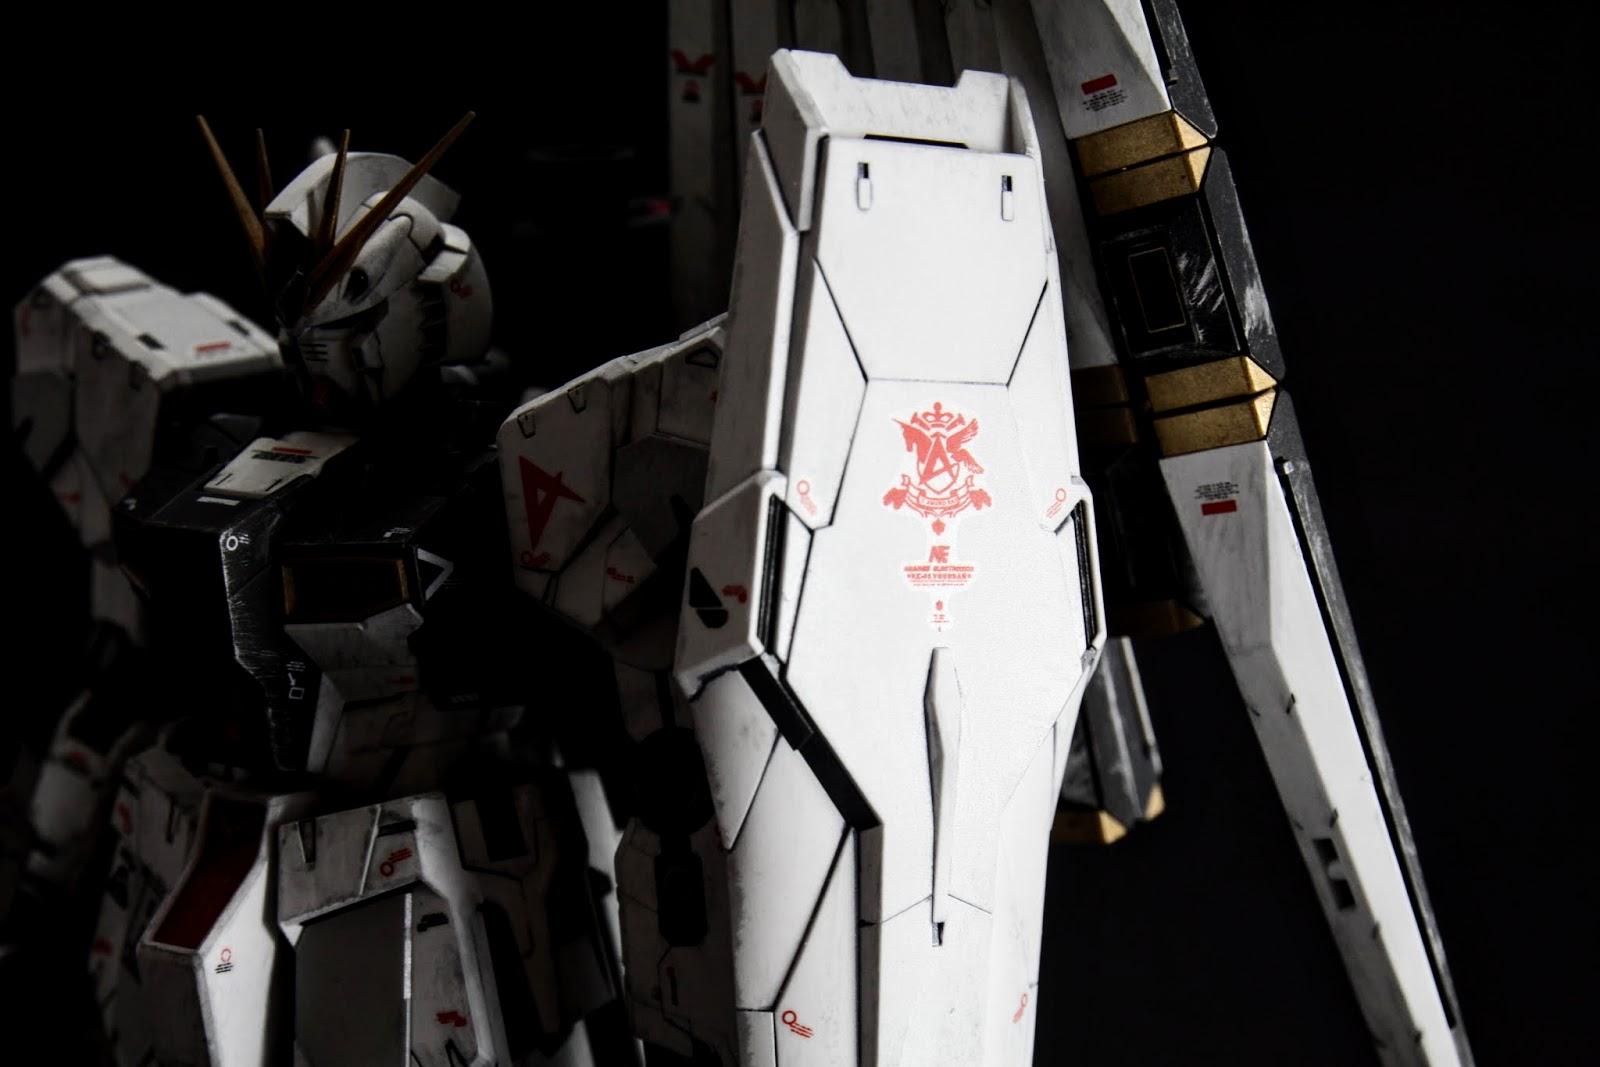 盾上有駕駛專用徽章, 原始的徽章跟肩上一樣,但是新設計的也很漂亮